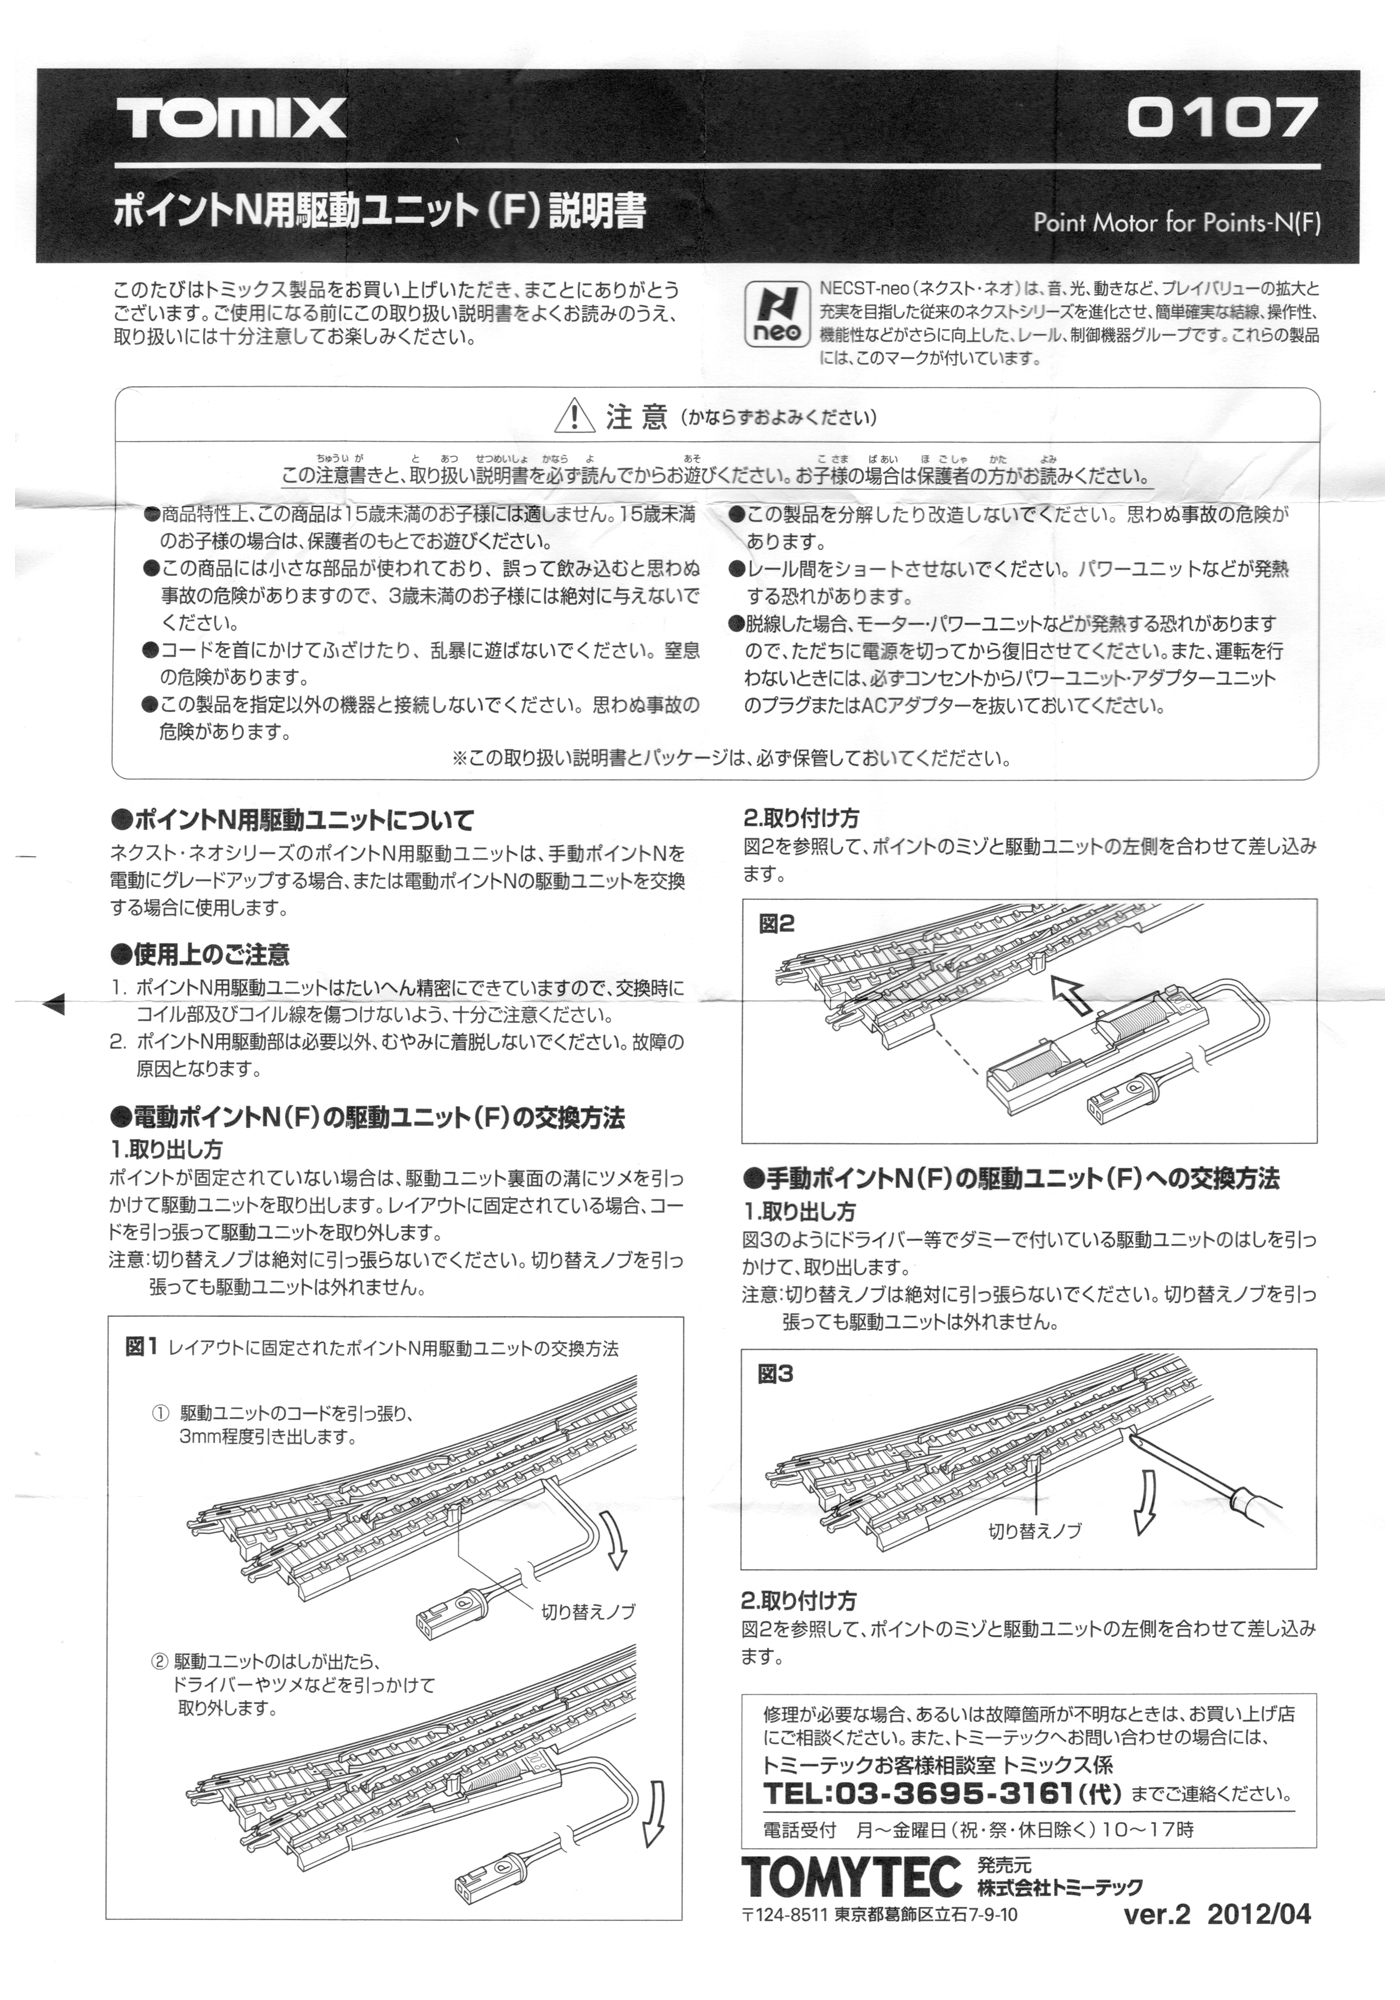 ポイント N 用駆動ユニット (F) 説明書